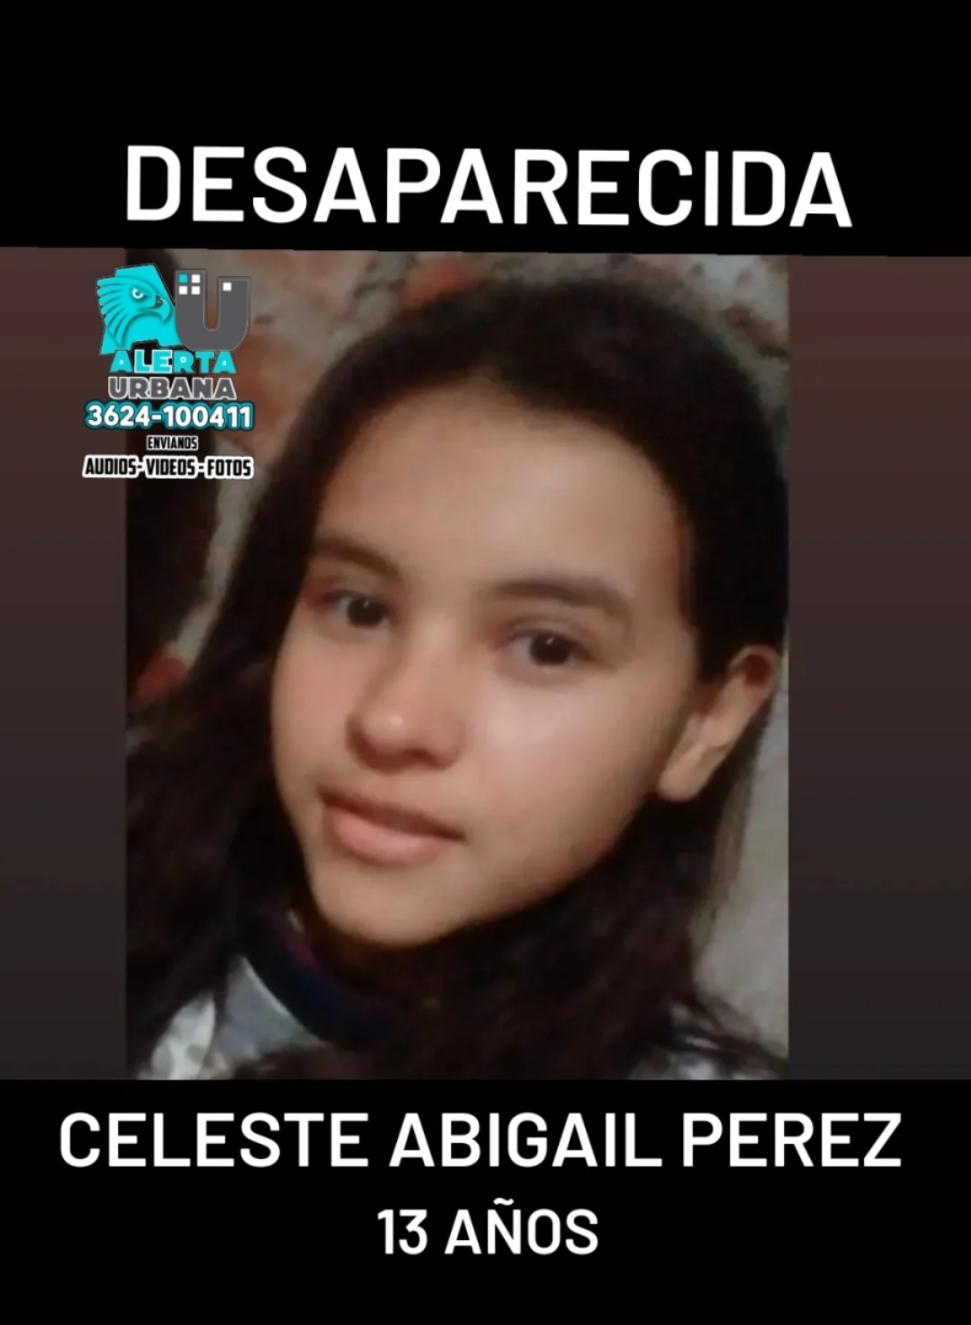 Se solicita información sobre el paradero de Celeste Abigail Pérez de 13 años